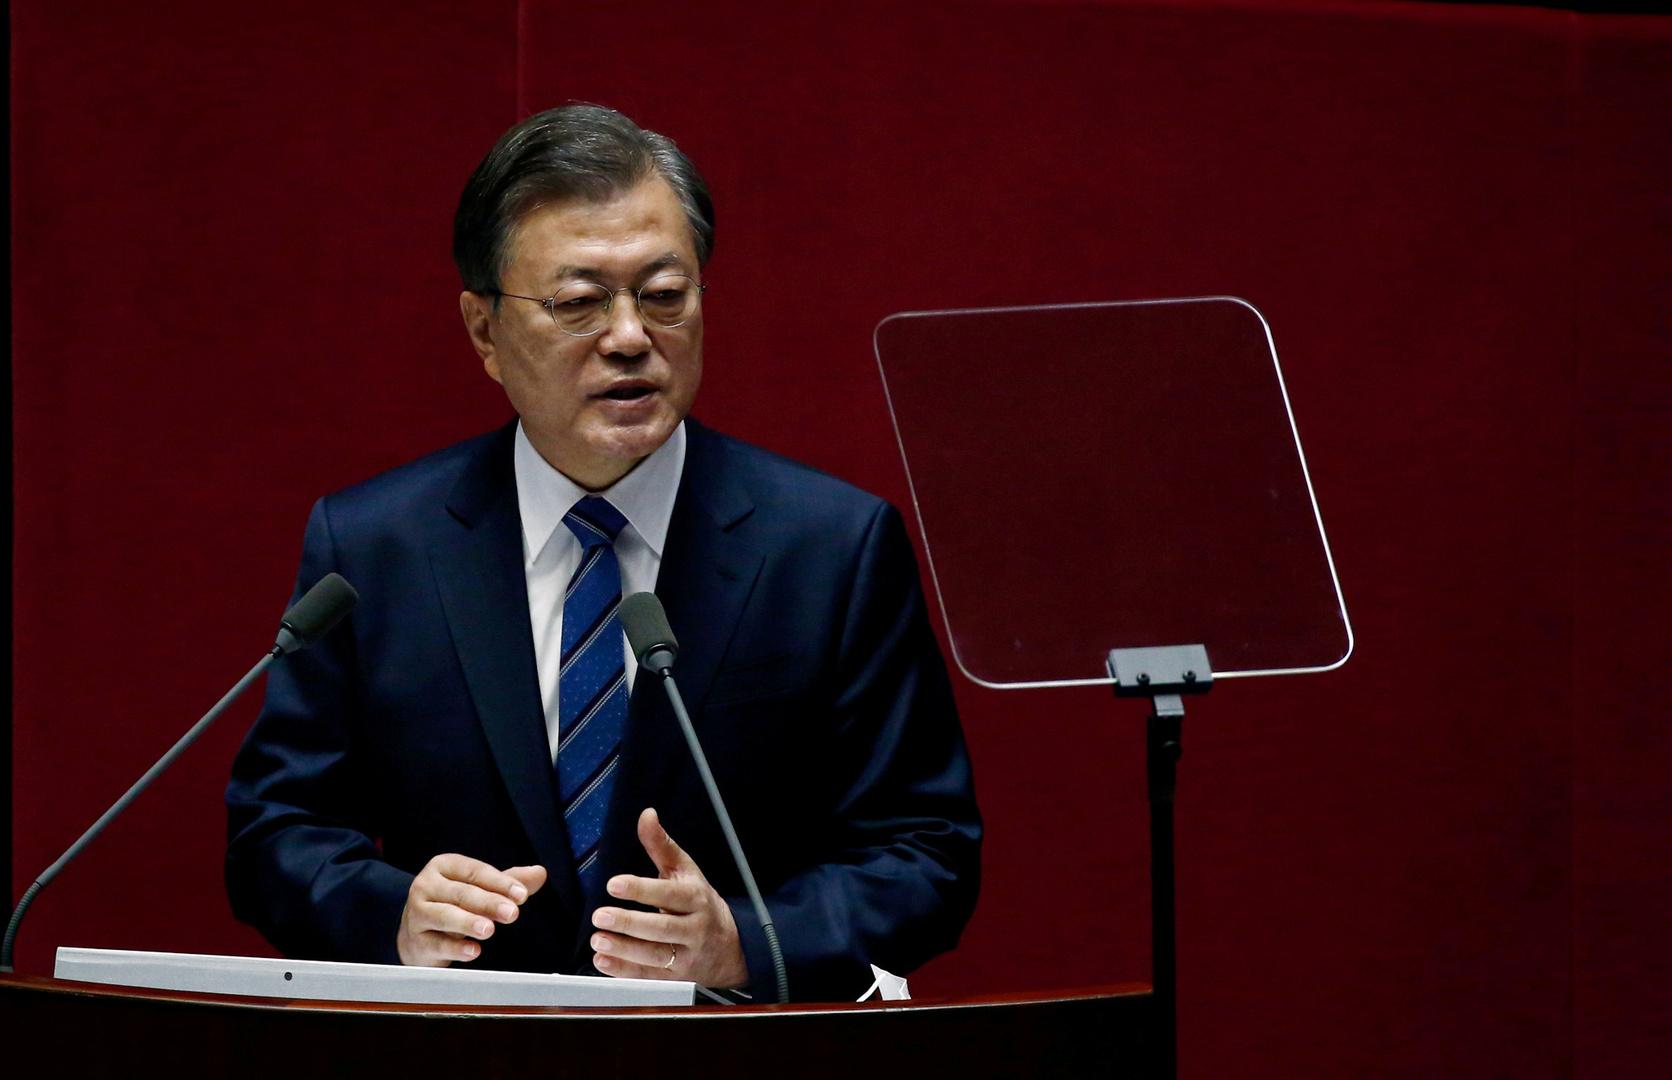 الرئيس الكوري الجنوبي، مون جيه إن